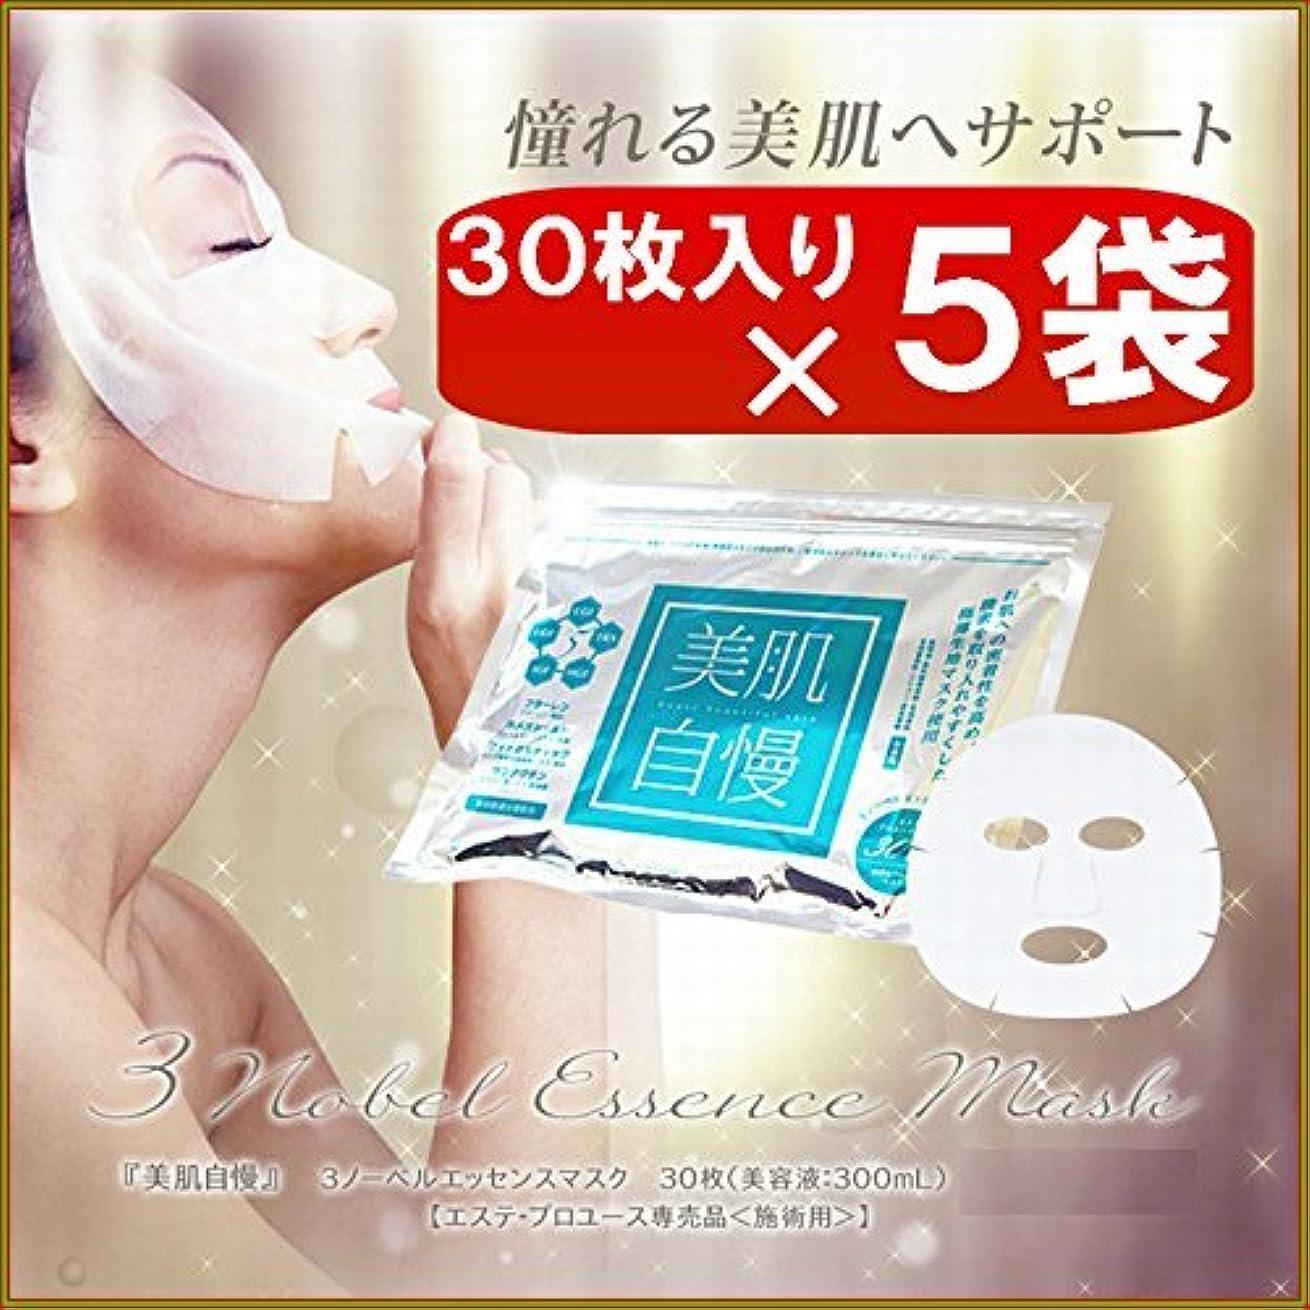 切り離す昼寝鉄美肌自慢フェイスマスク 30枚入り ×超お得5袋セット 《エッセンスマスク、EGF、IGF、ヒアルロン酸、プラセンタ、アルブチン、カタツムリエキス、しみ、しわ》